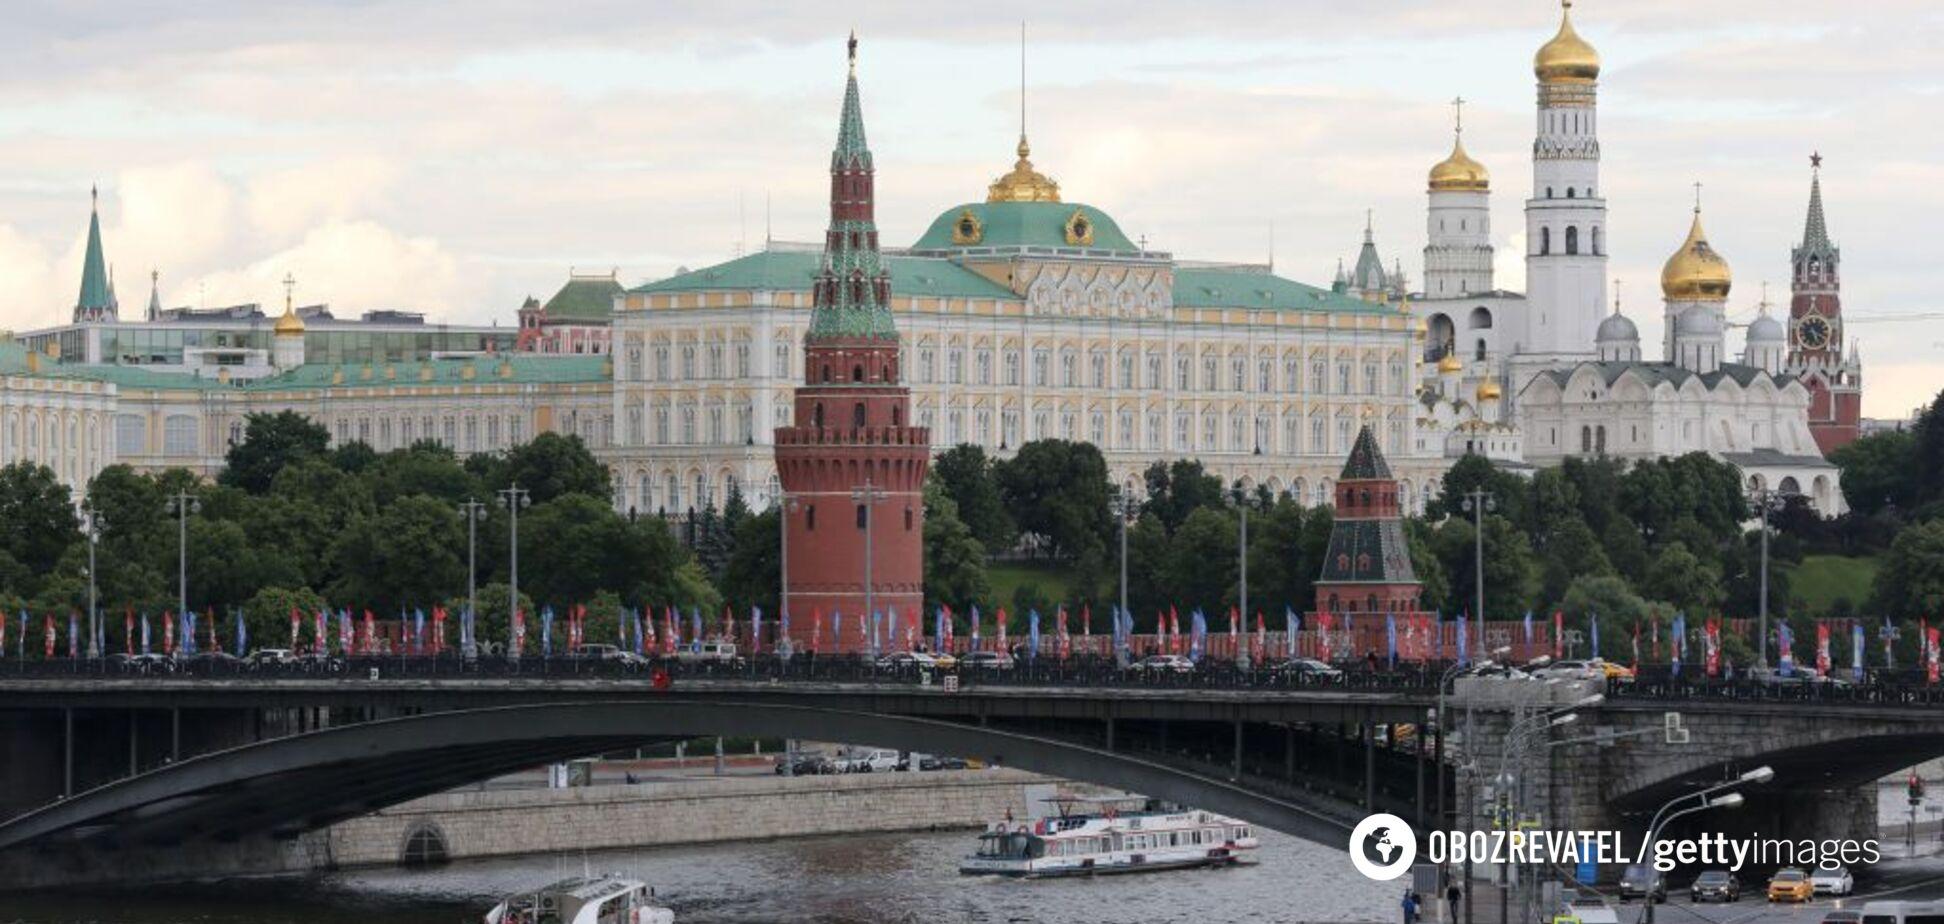 Конфликты и напряженность нарастают: инсайд из Кремля